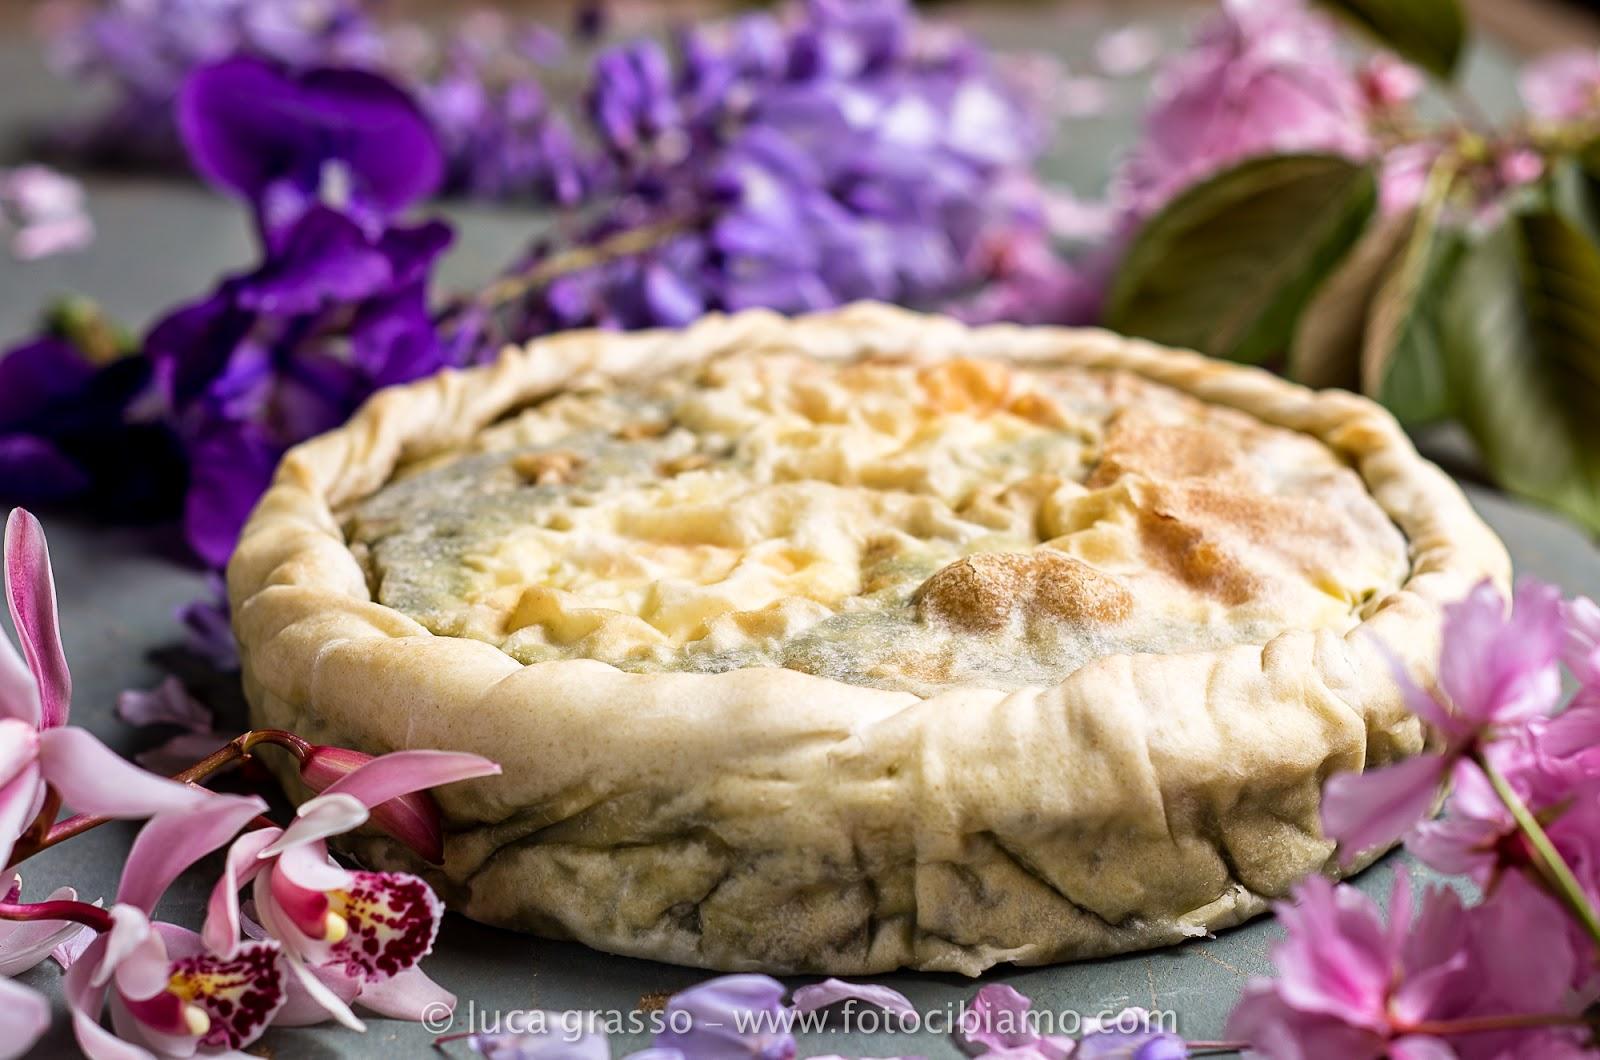 Fotocibiamo: torta pasqualina nella mia versione....un mix tra ...